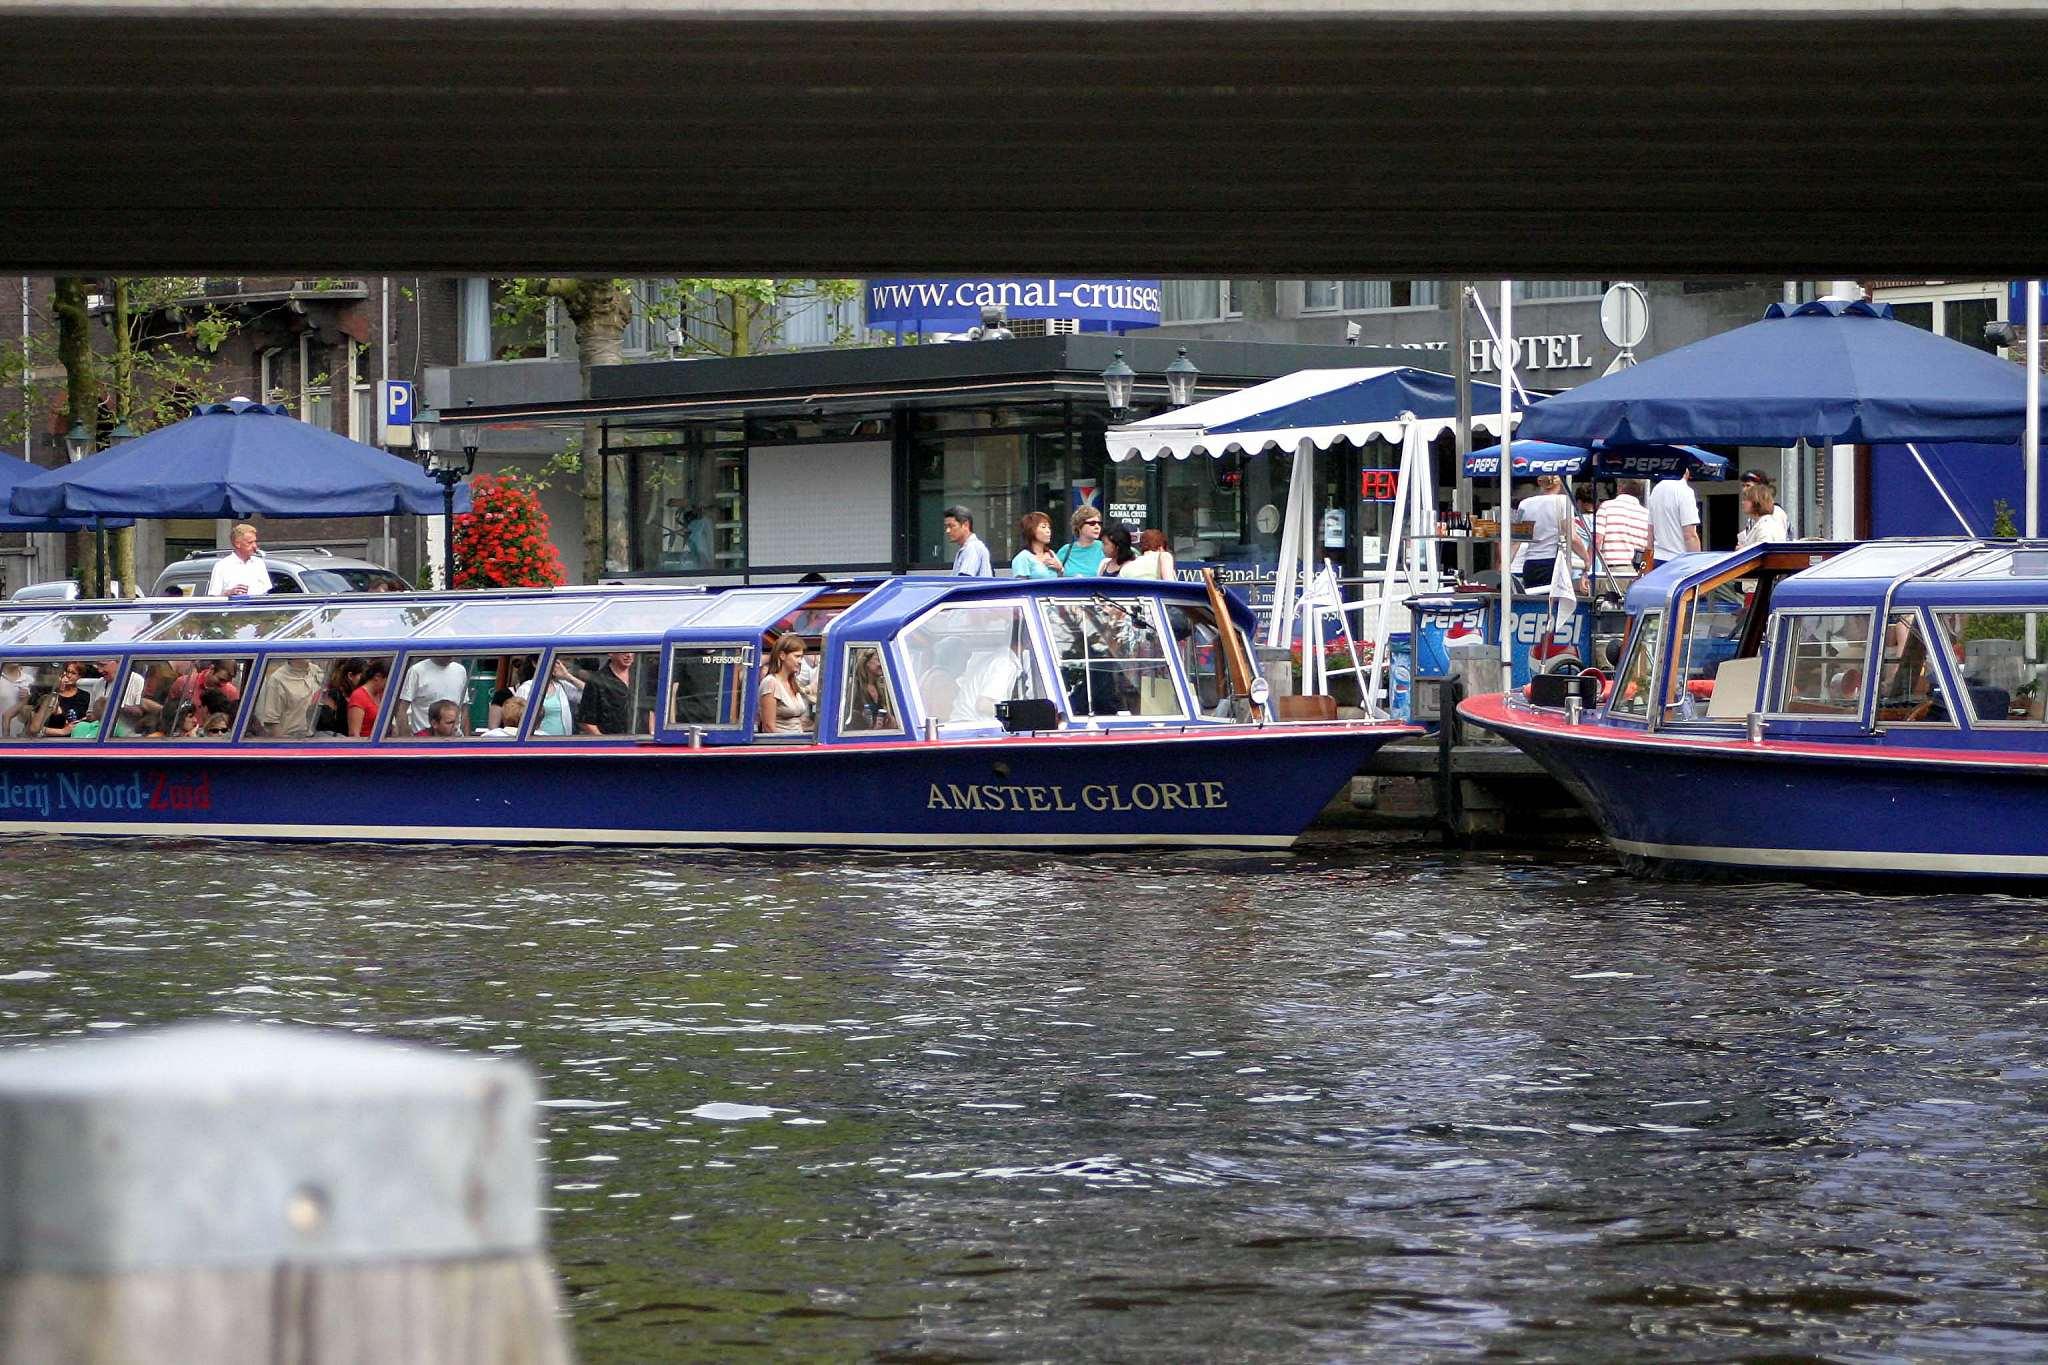 Amstel Glorie